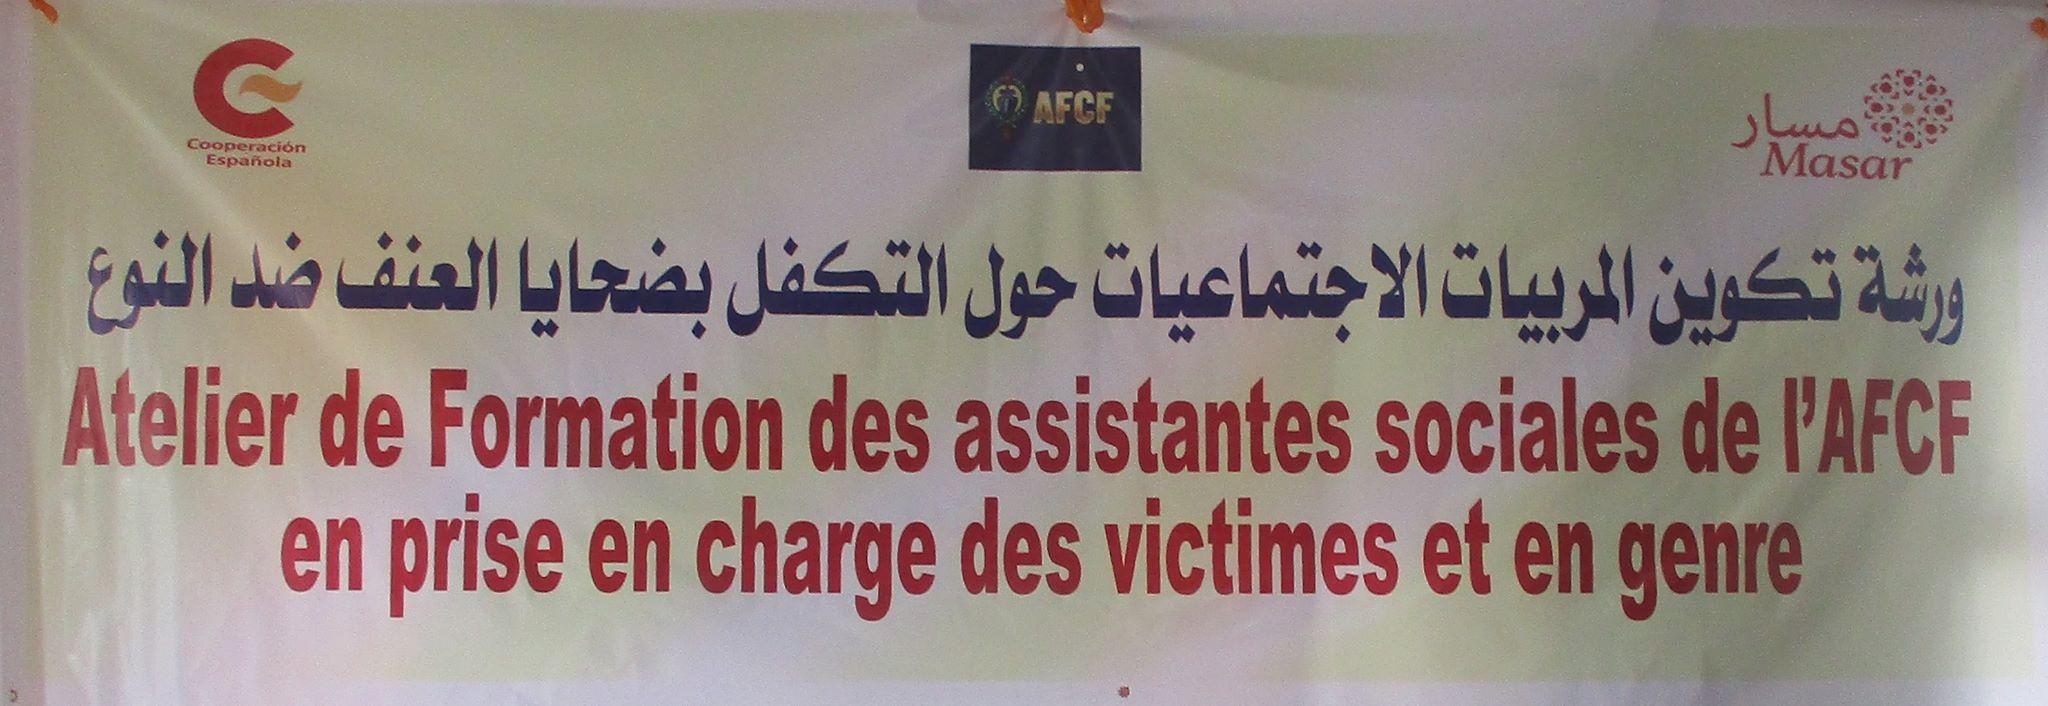 Assistance sociale et prise en charge des victimes de violences basées sur le genre (Photos)